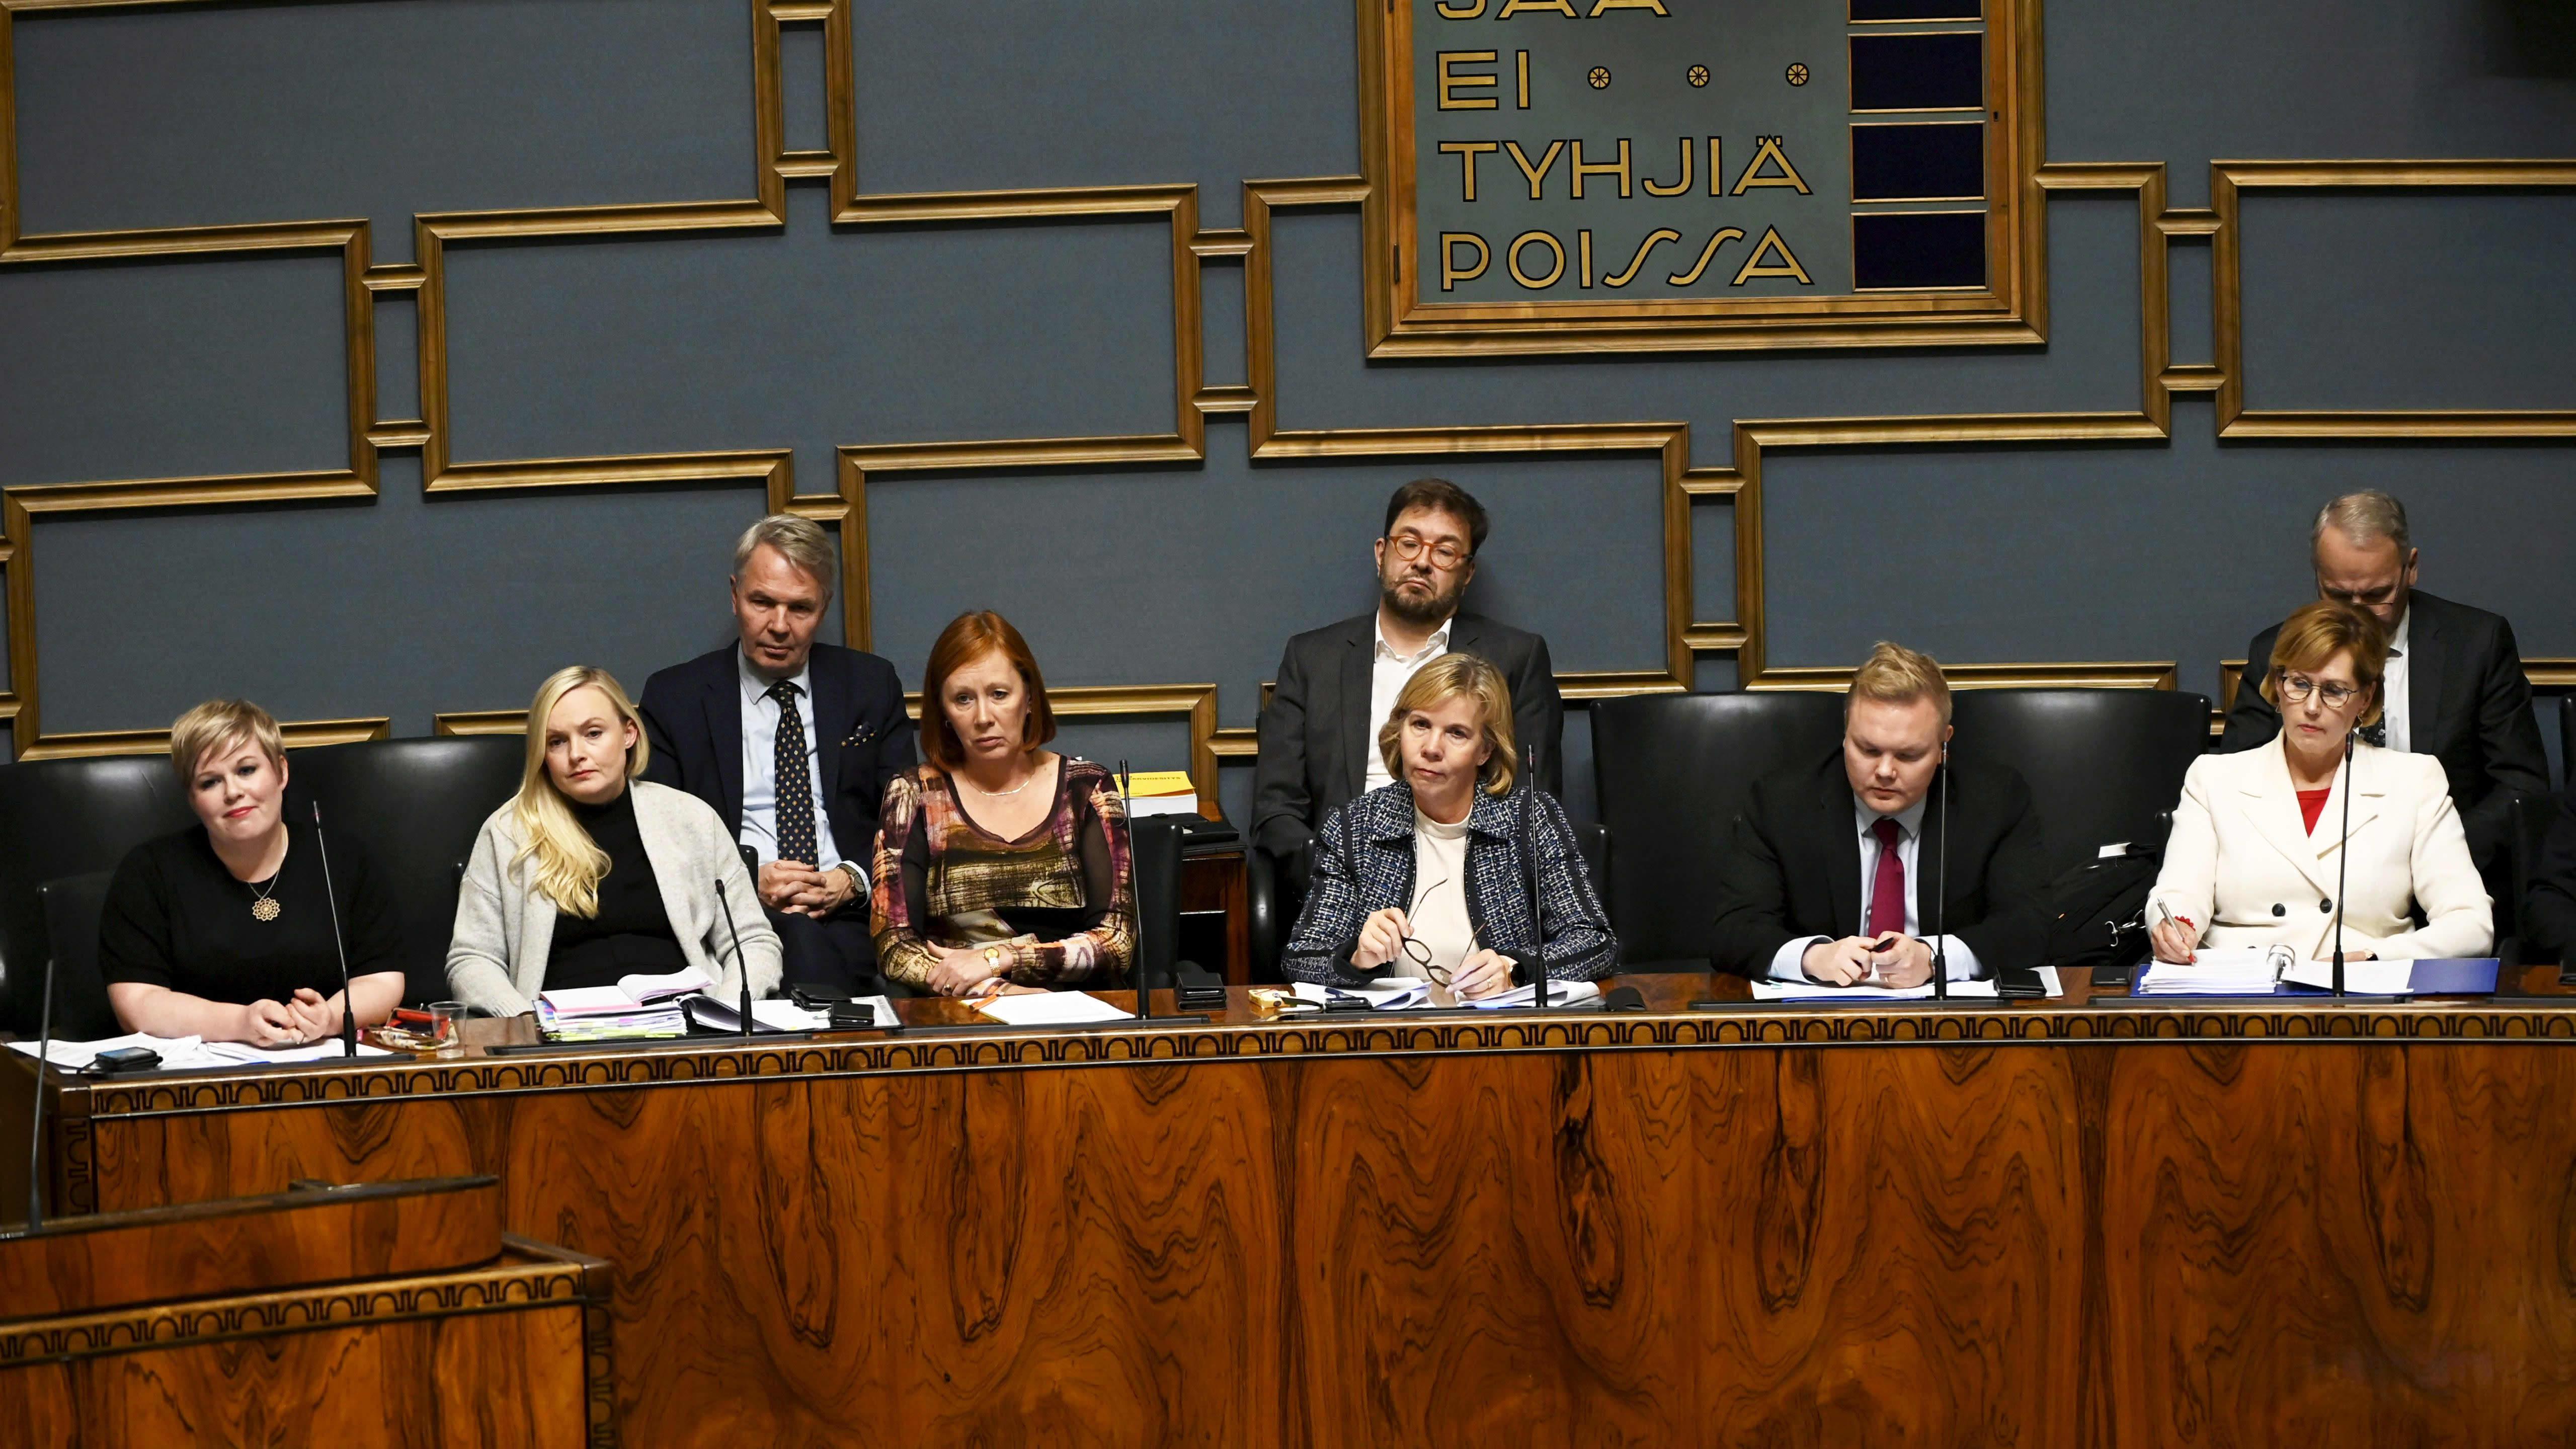 Ministereitä eduskunnan kyselytunnilla.